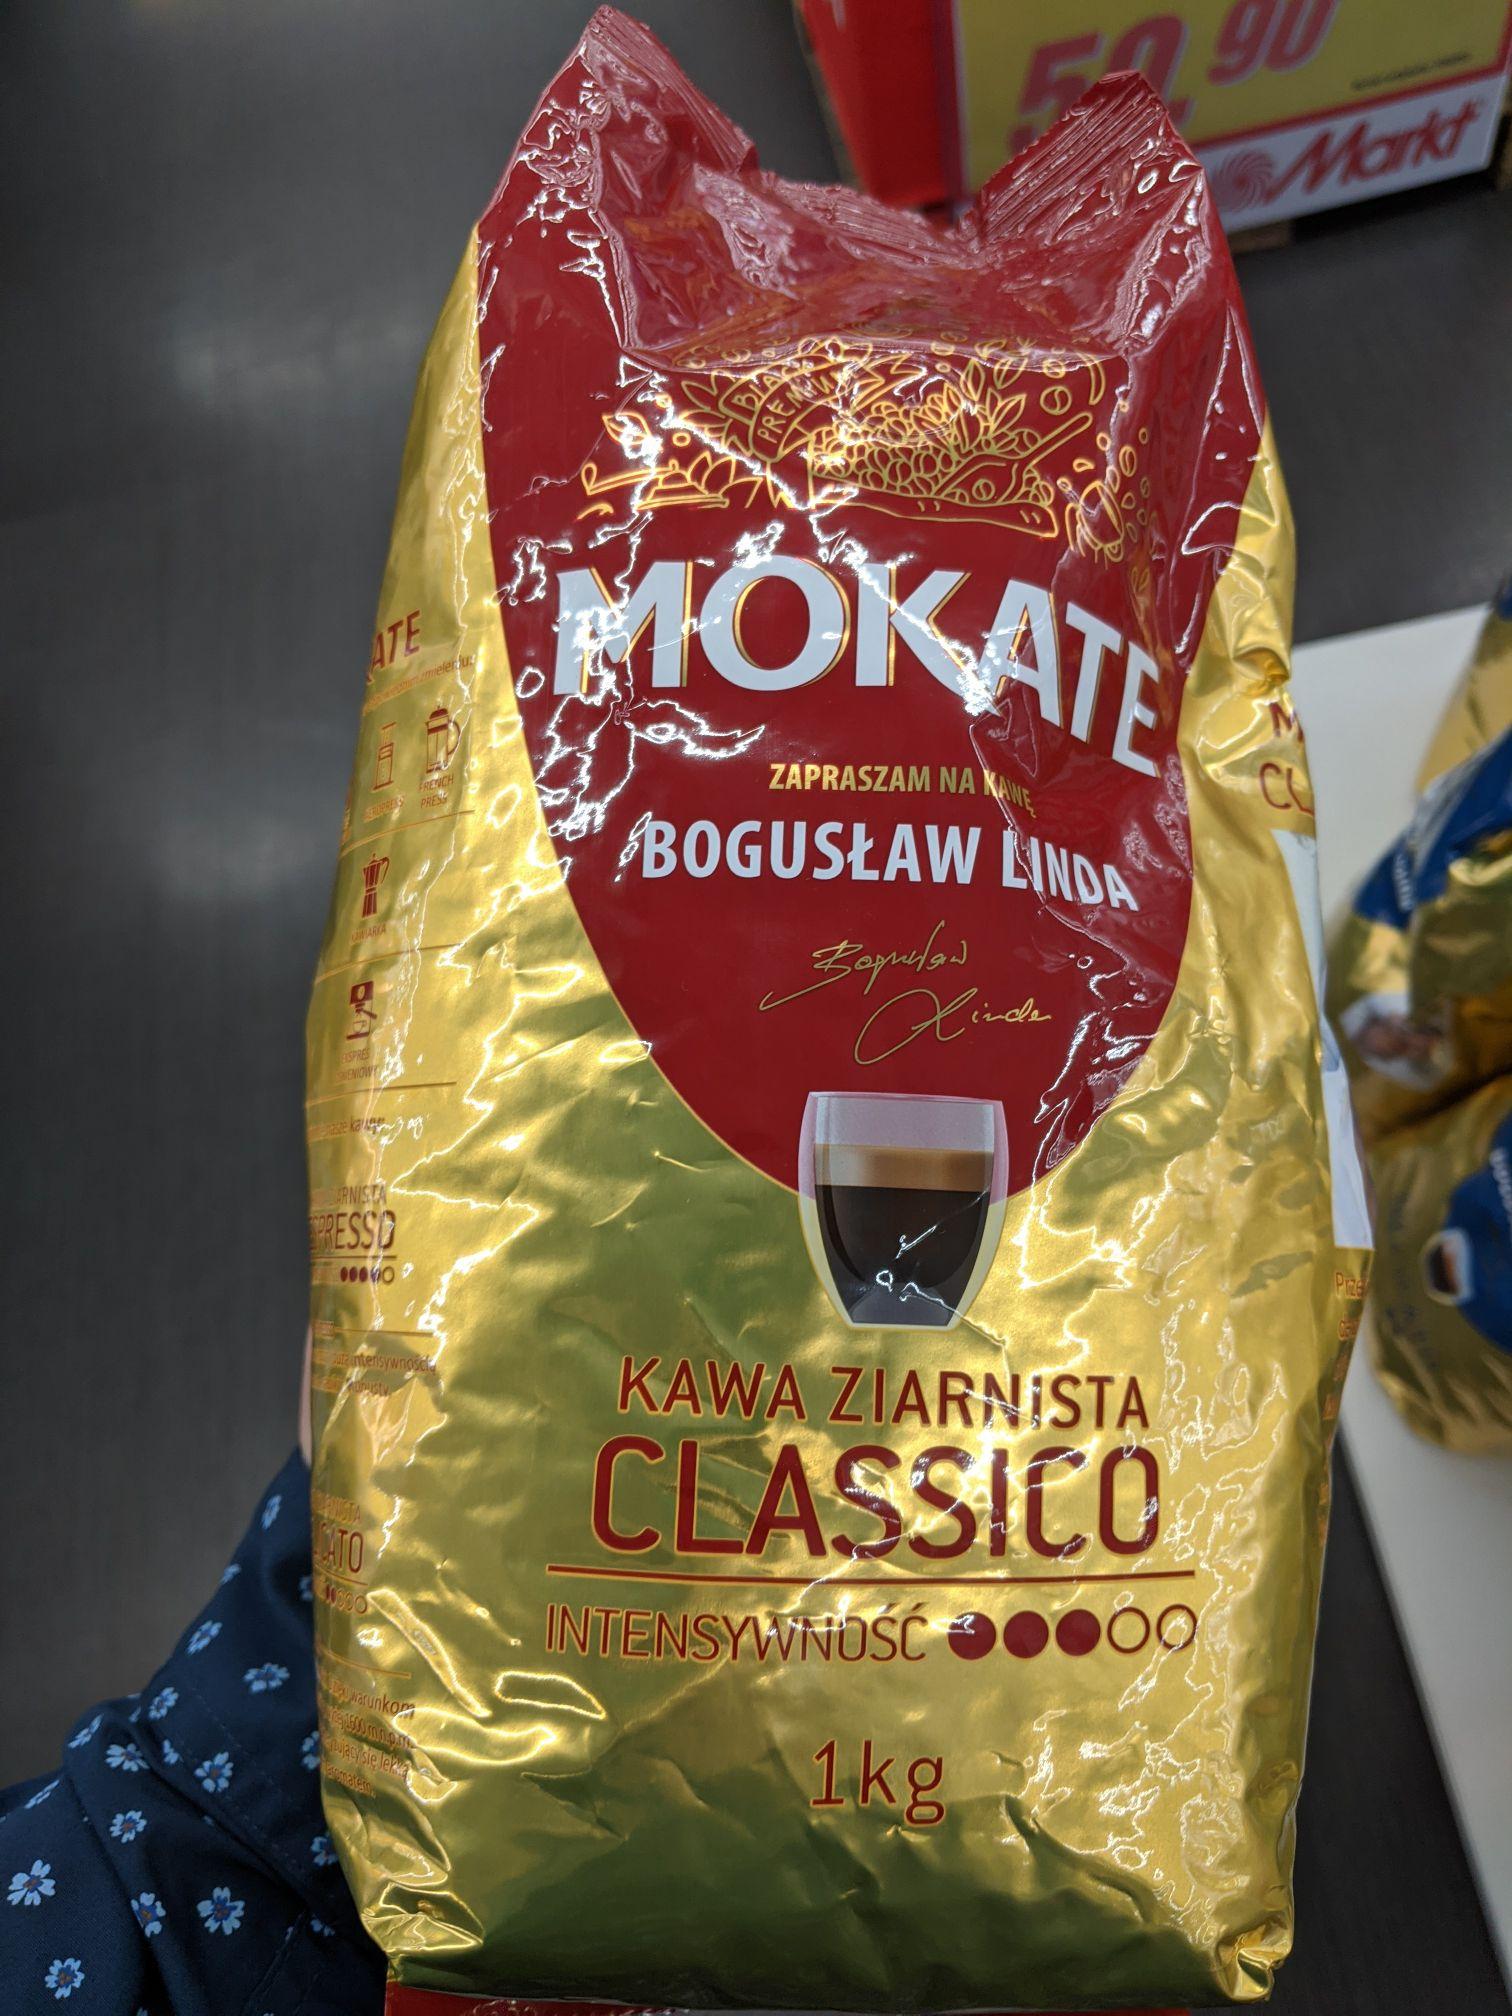 Kawa ziarnista, w ziarnach 1kg, MOKATE Classico (Arabica i Robusta) oraz Delicato (100% Arabika). Media Markt